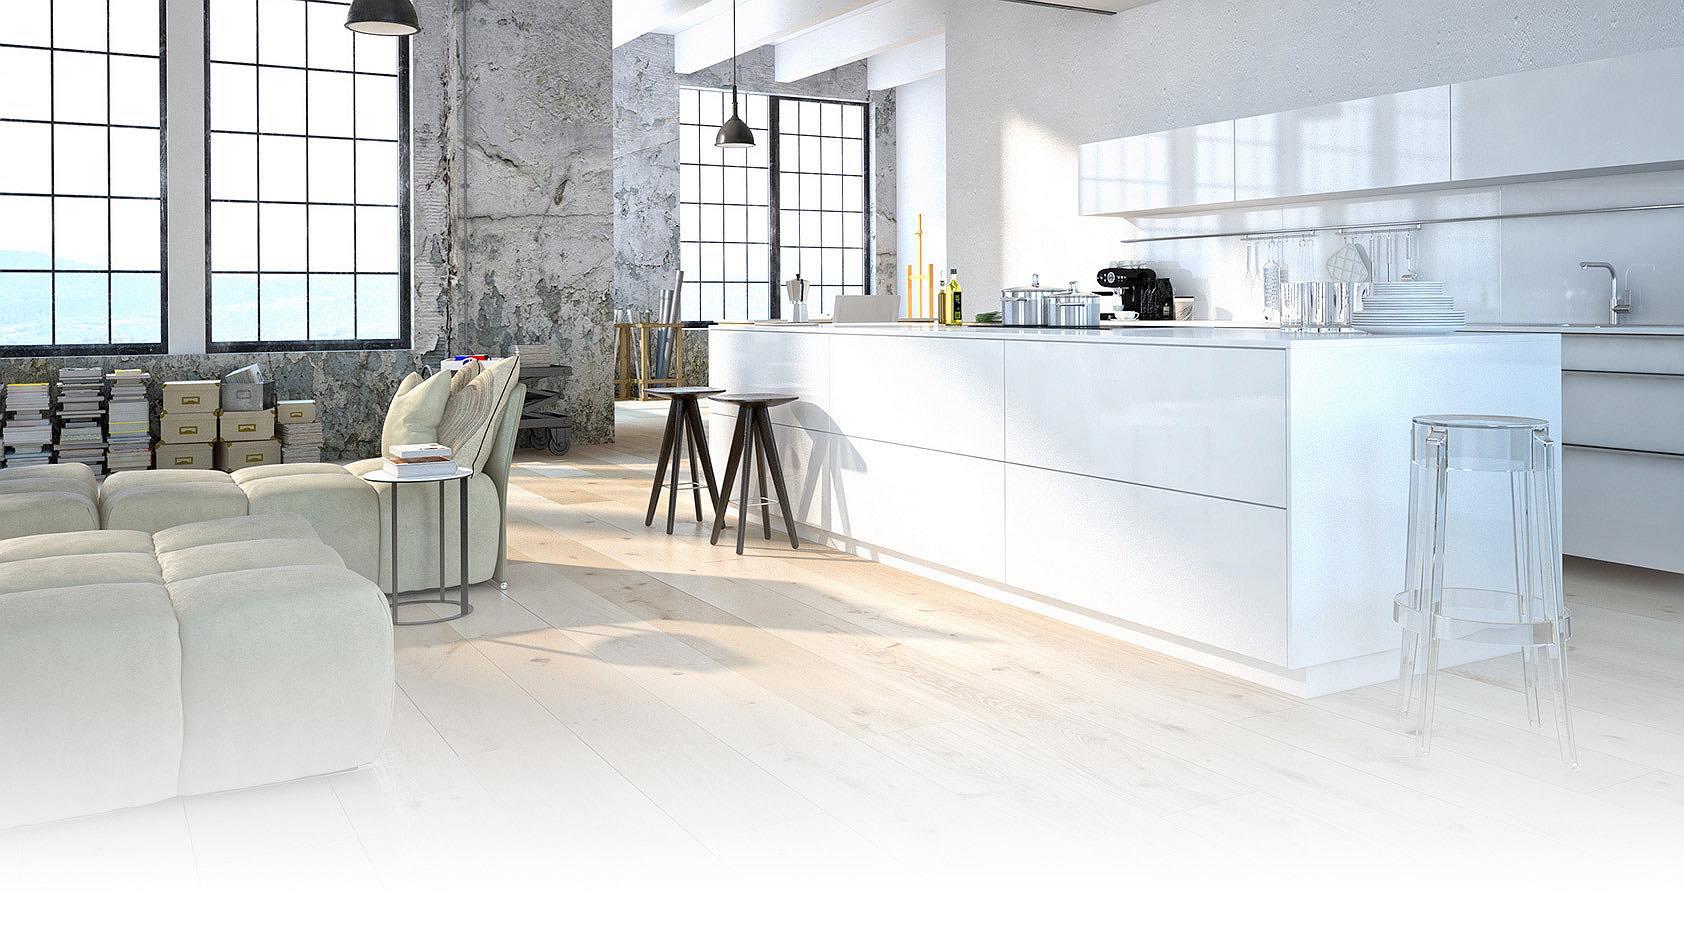 Full Size of Küche Einrichten Holzhaus Gewerbliche Küche Einrichten Dachgeschosswohnung Küche Einrichten Küche Einrichten Checkliste Küche Küche Einrichten